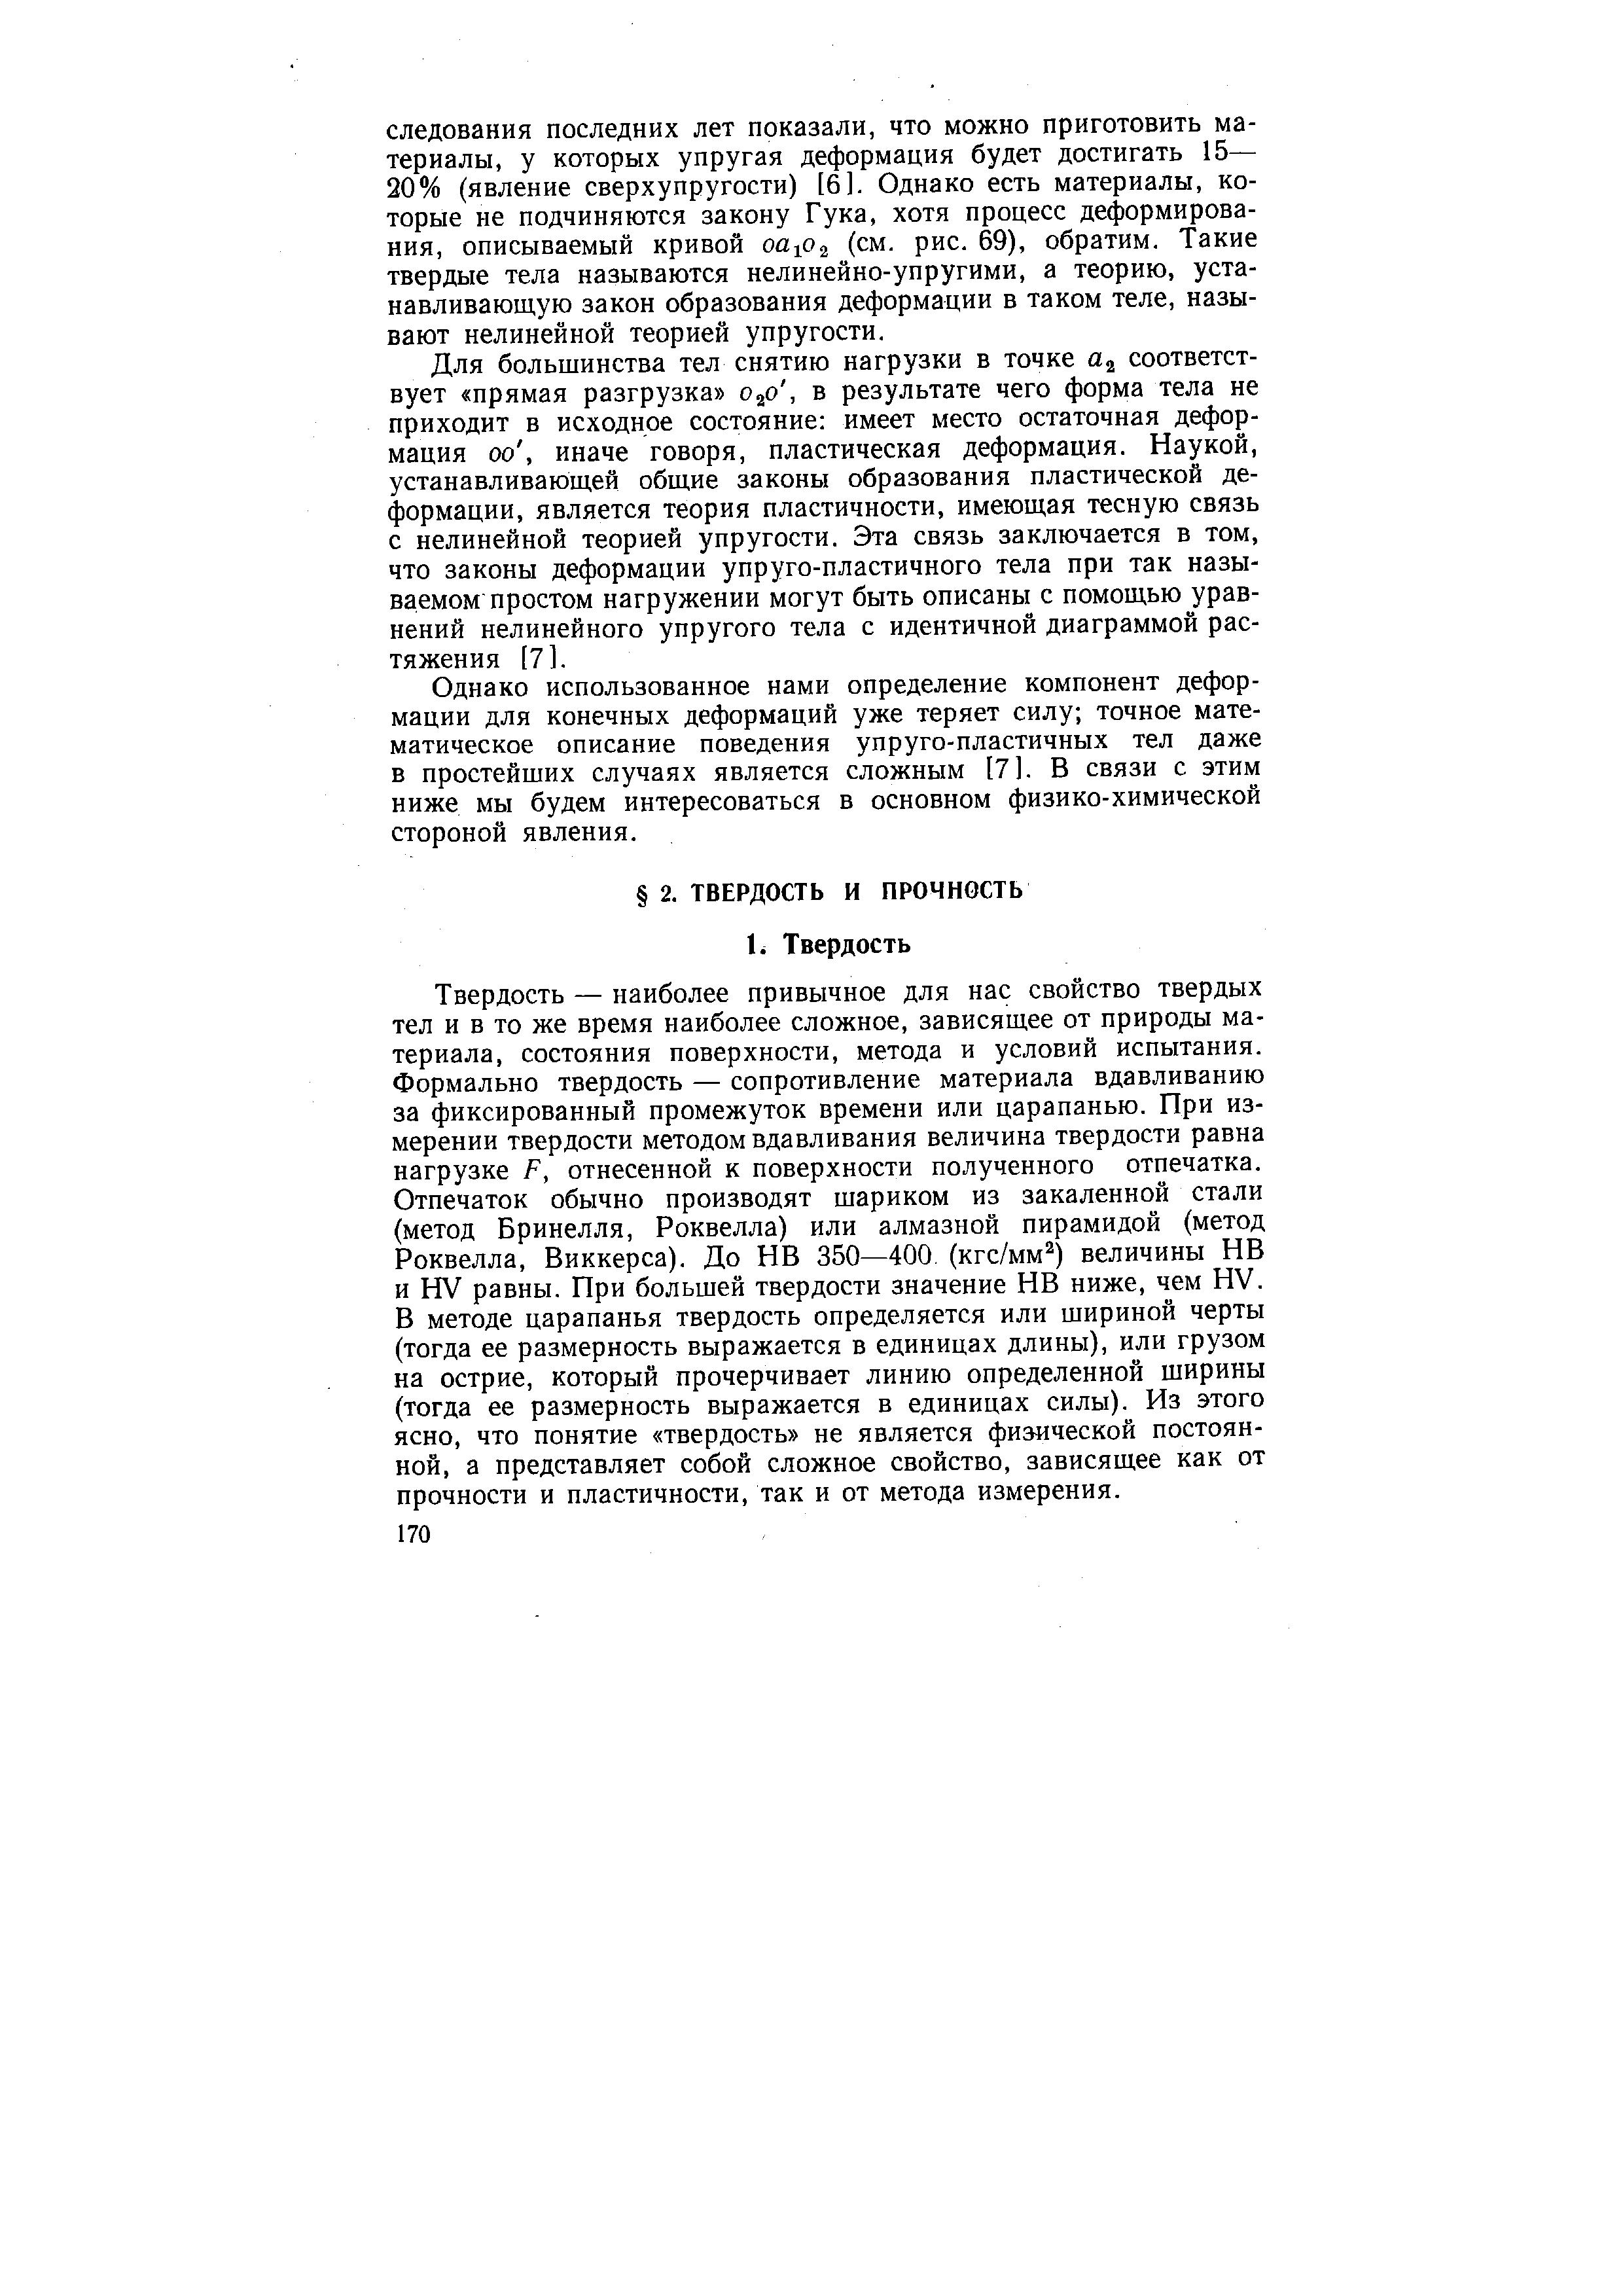 Твердость металлов. таблица твердости металлов